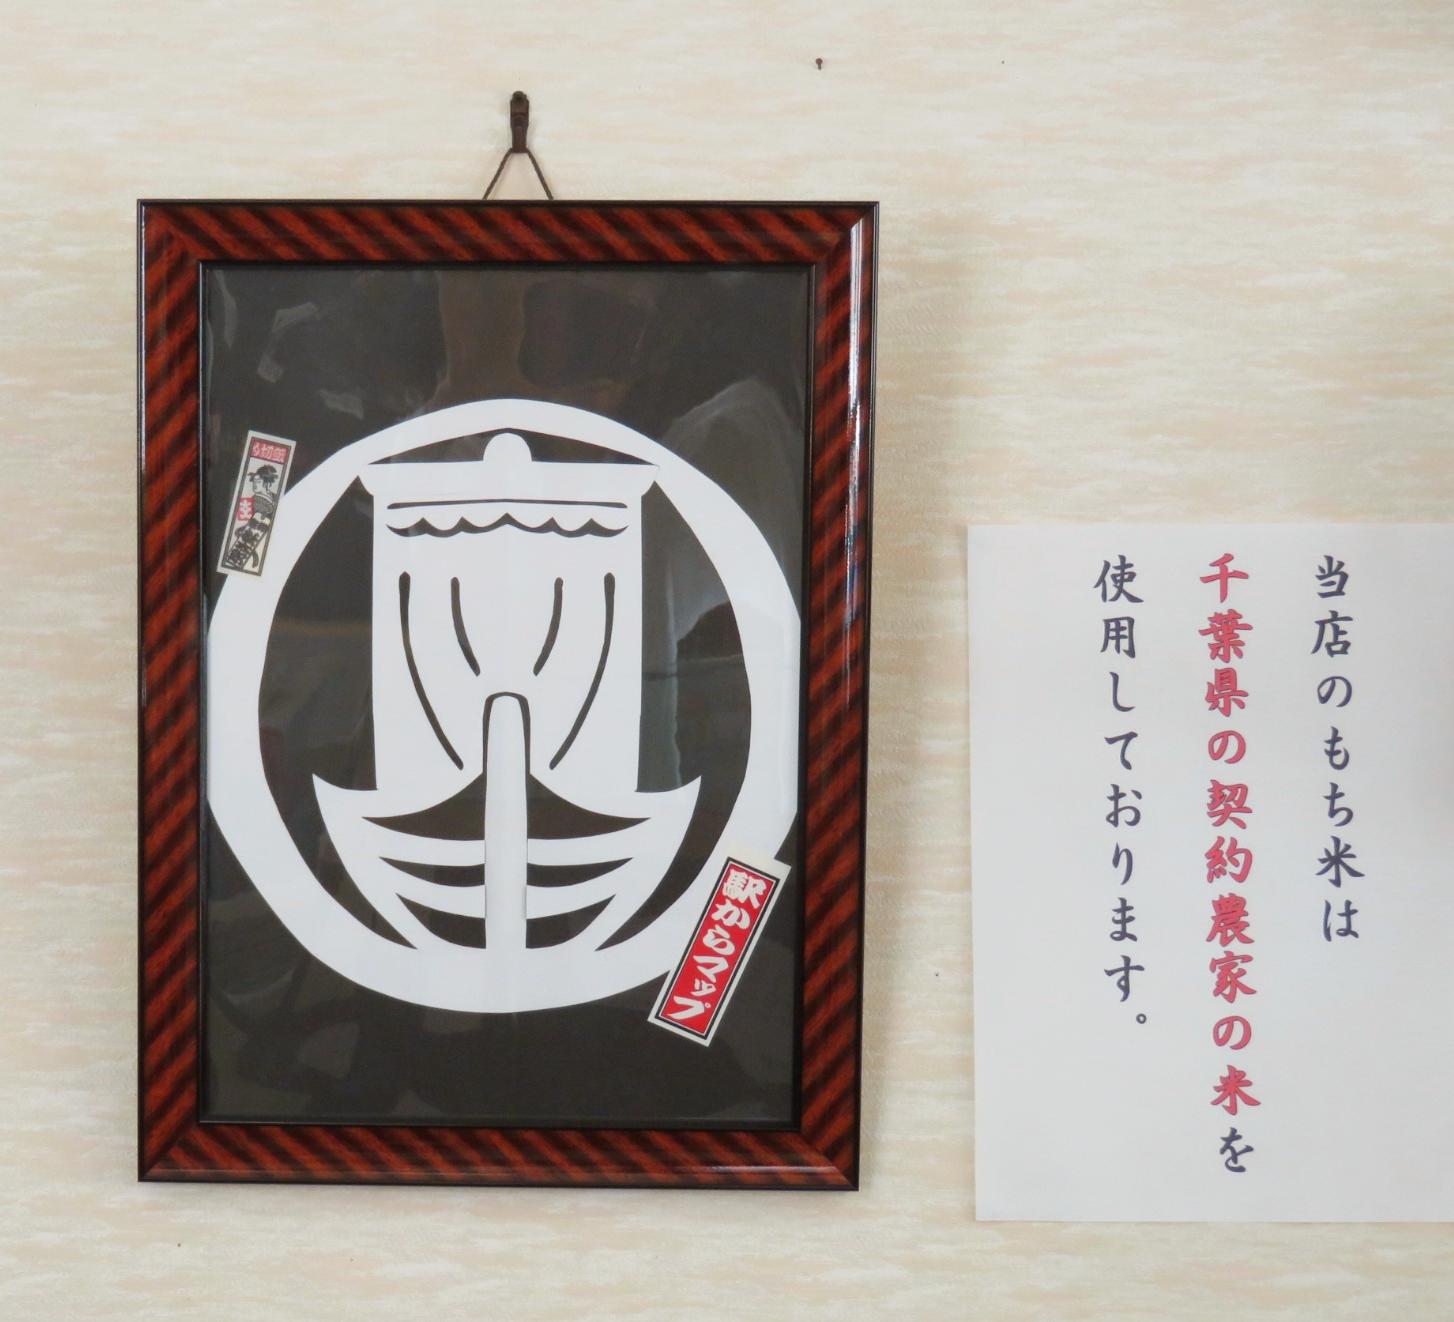 袖ヶ浦のもち米は、千葉の契約農家から取り寄せています。